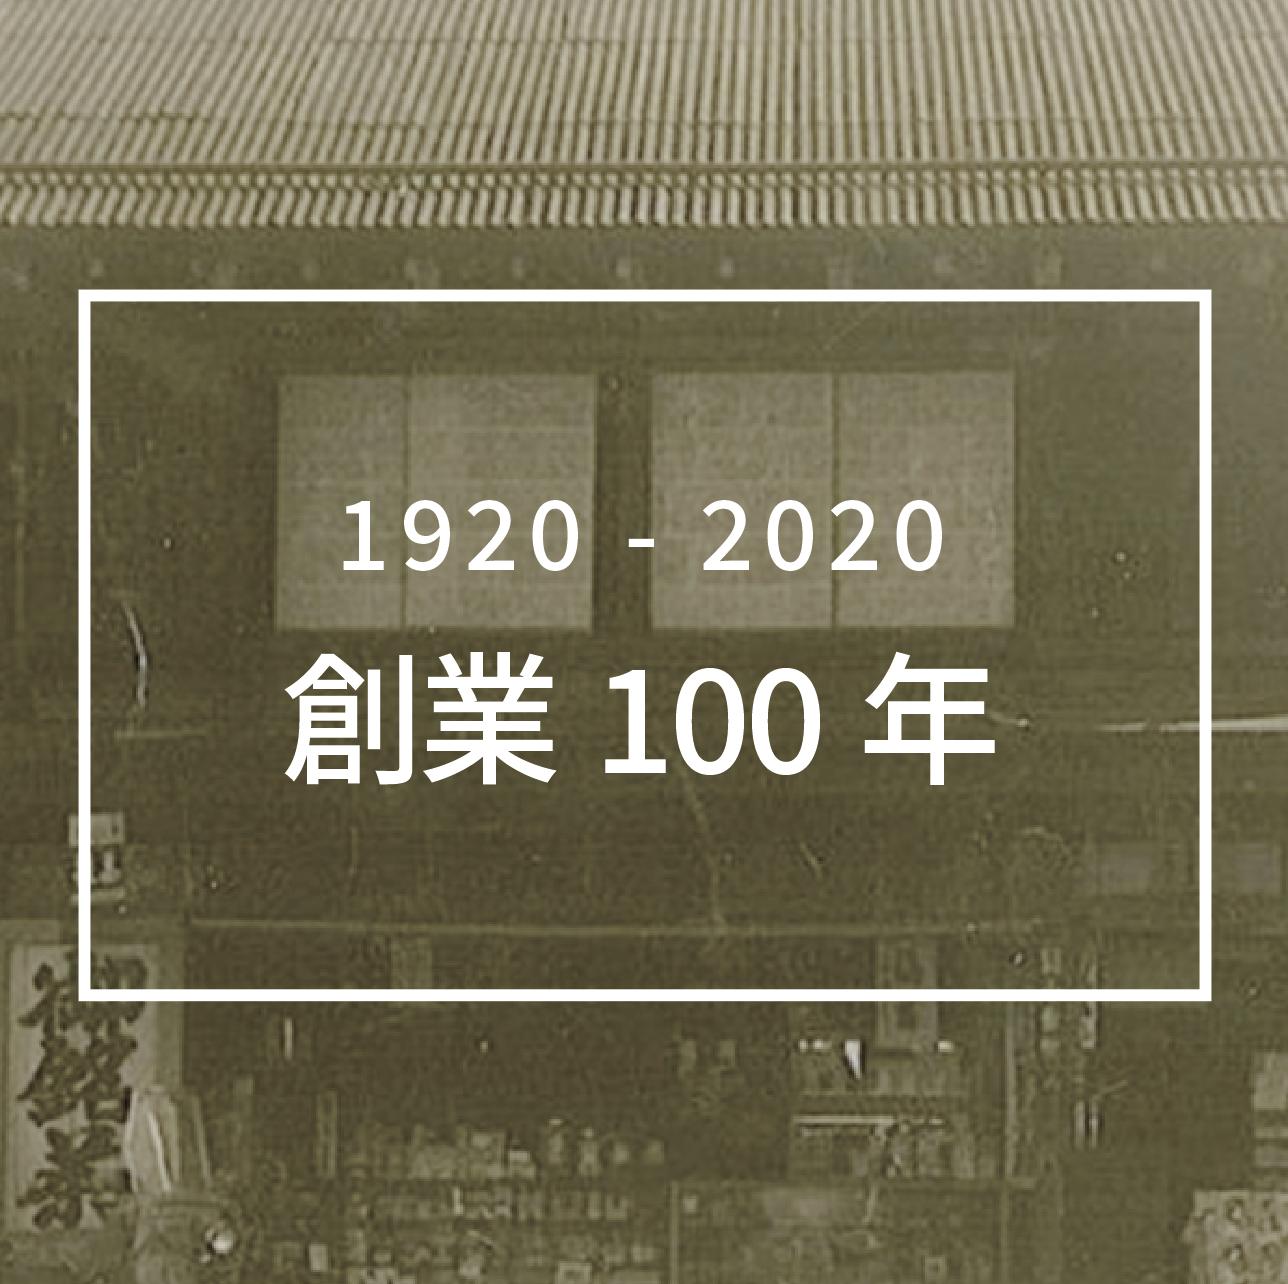 創業100年を迎えました!